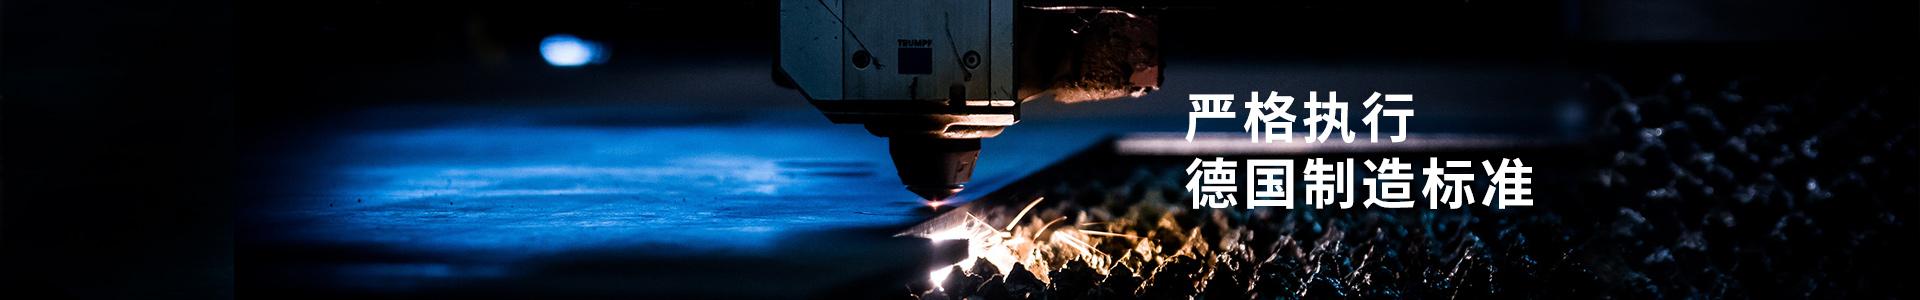 美焊严格执行德国制造标准